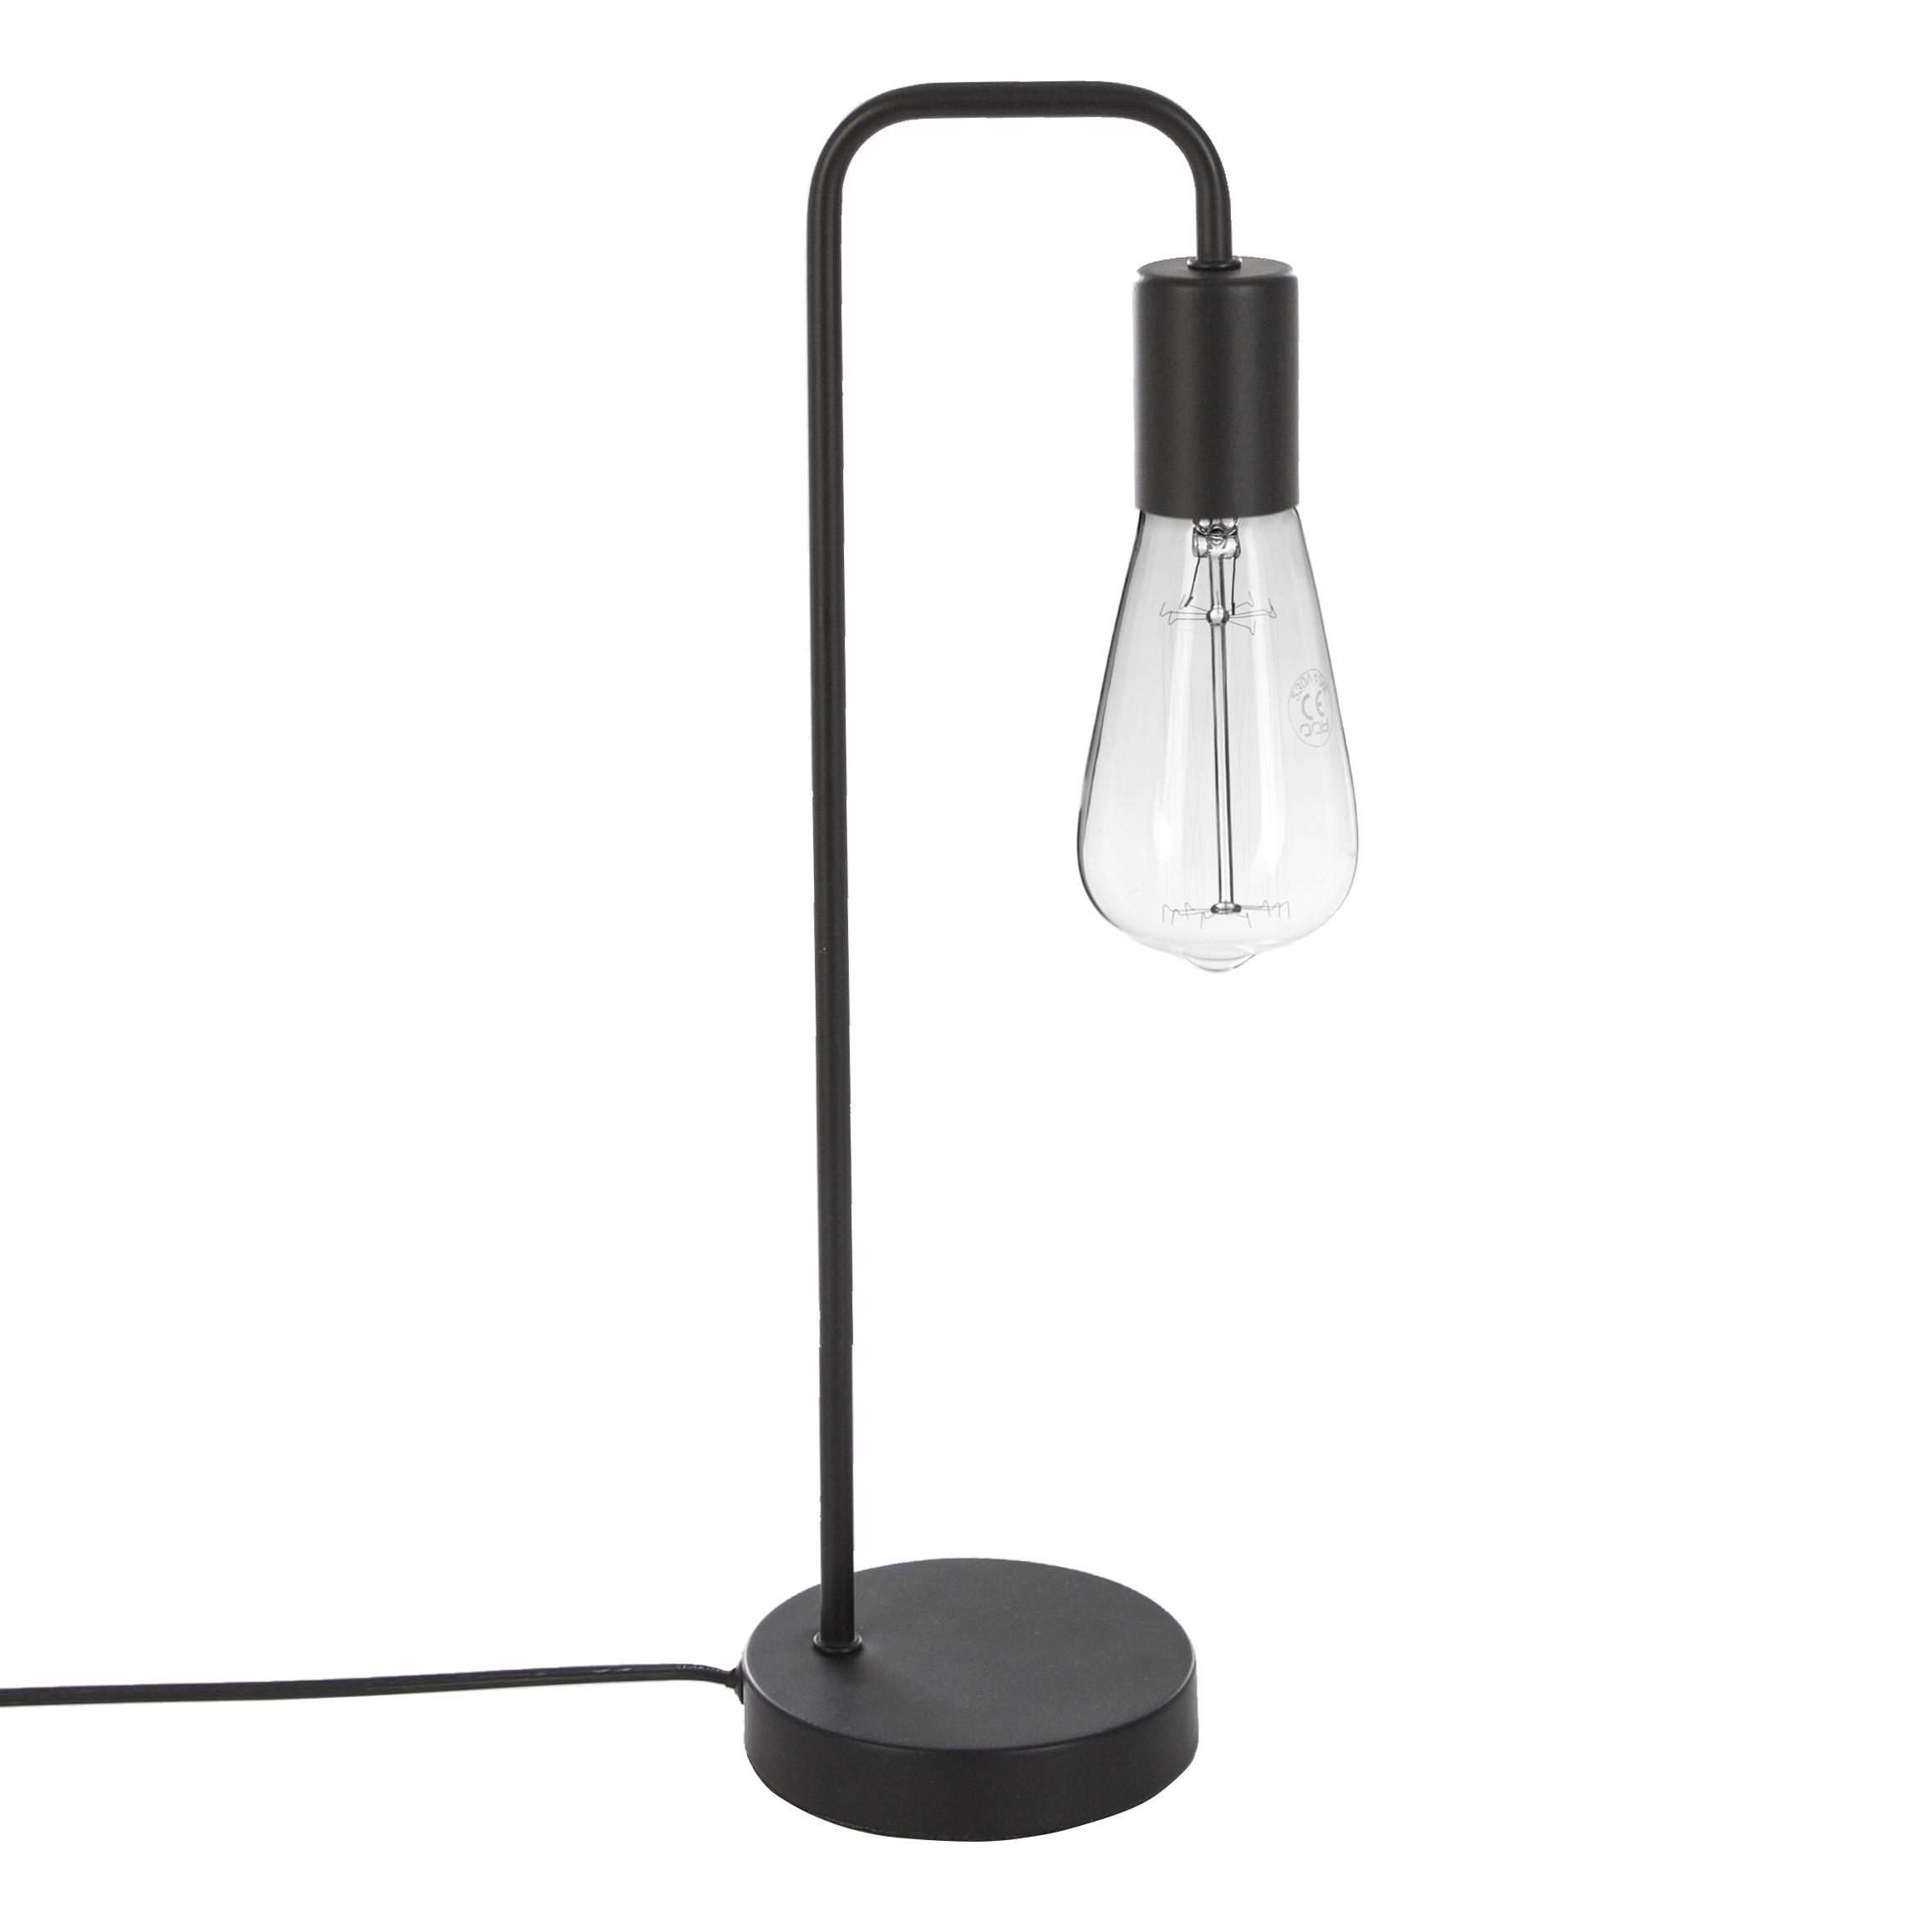 Lampe de chevet en métal noir avec ampoule apparente H46cm